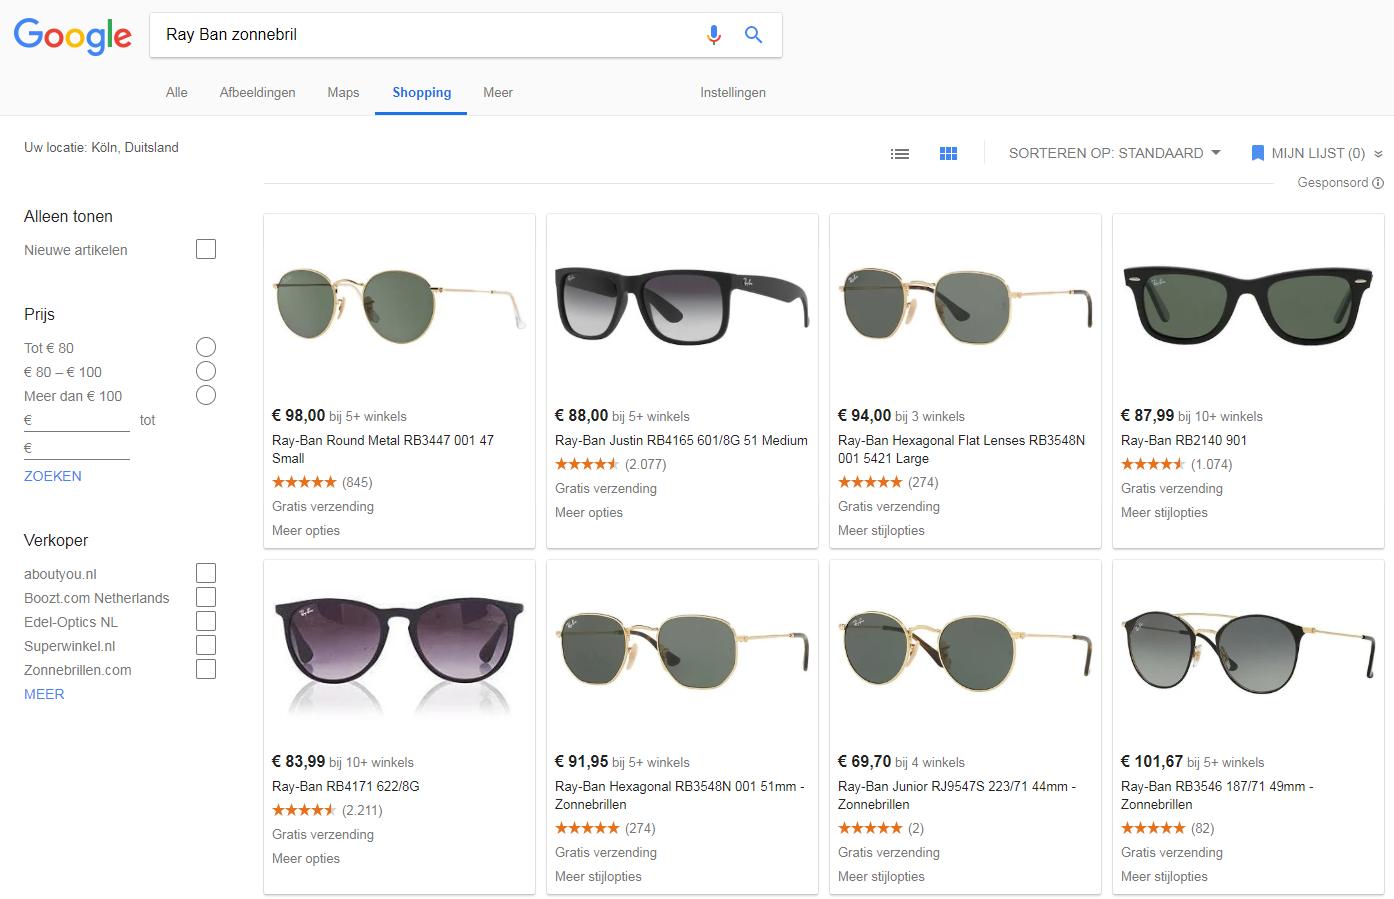 google Shopping Ray Ban